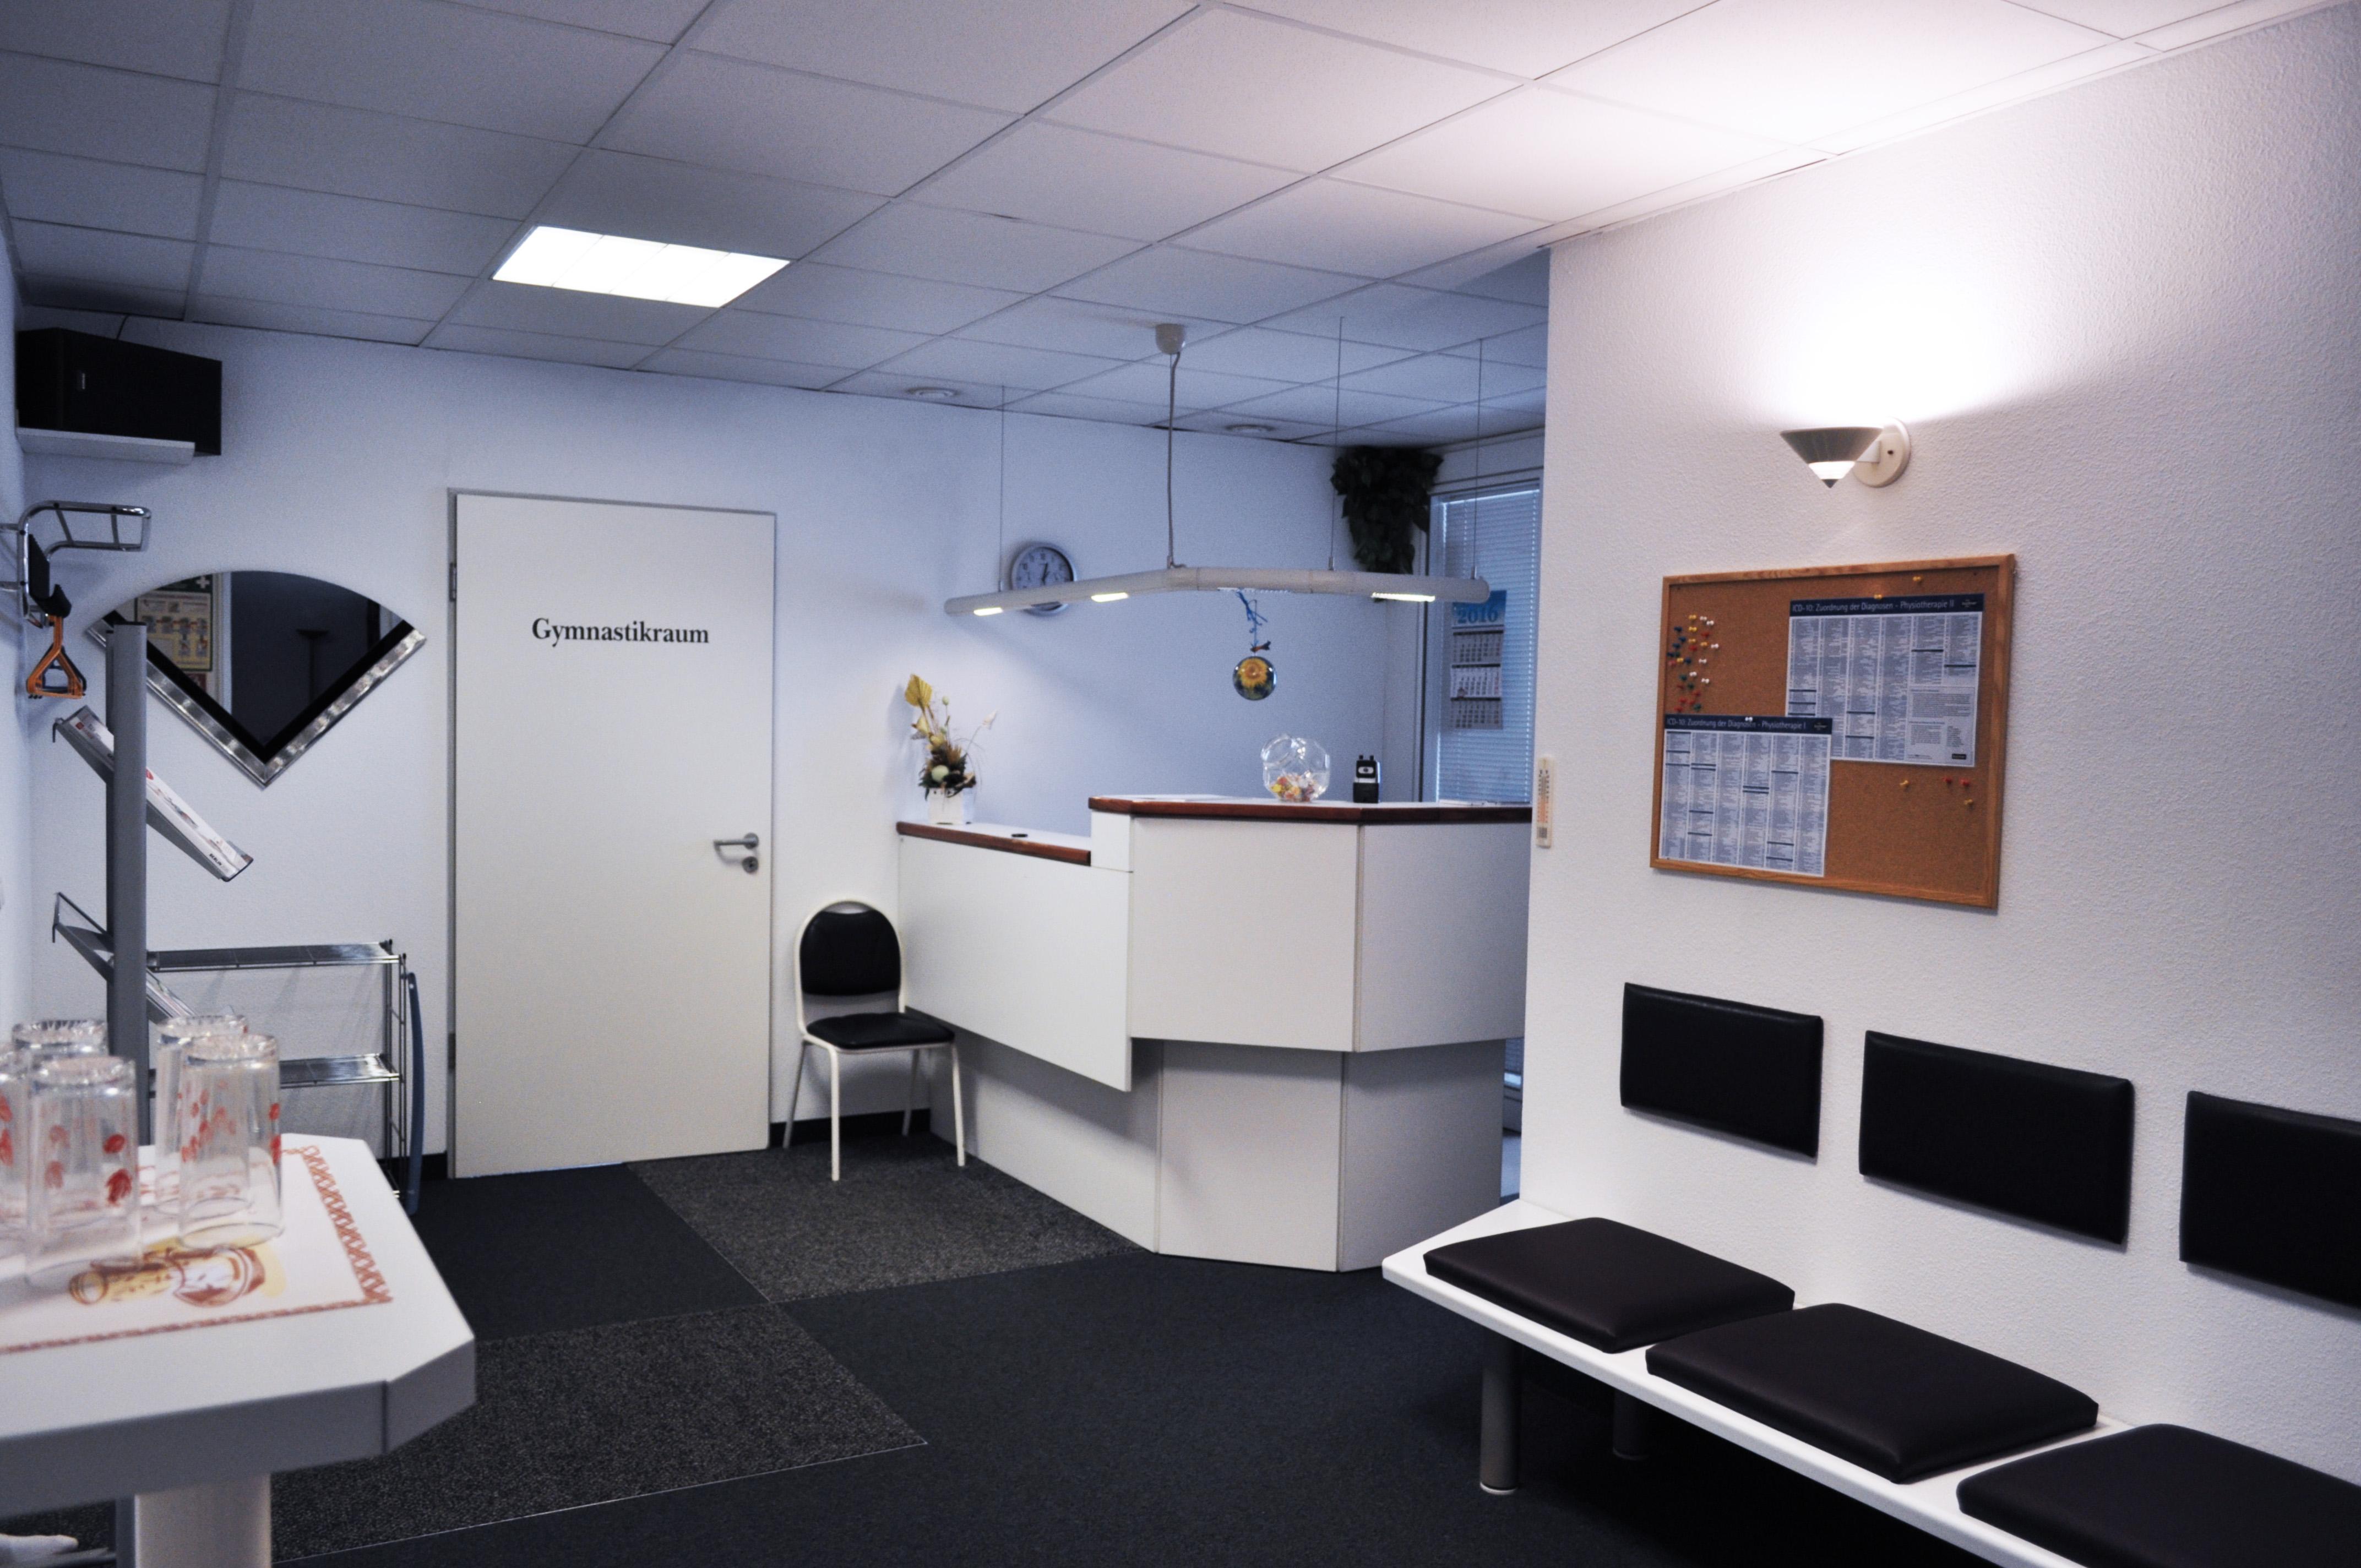 Praxis für Physiotherapie in Marzahn - Hellersdorf - das